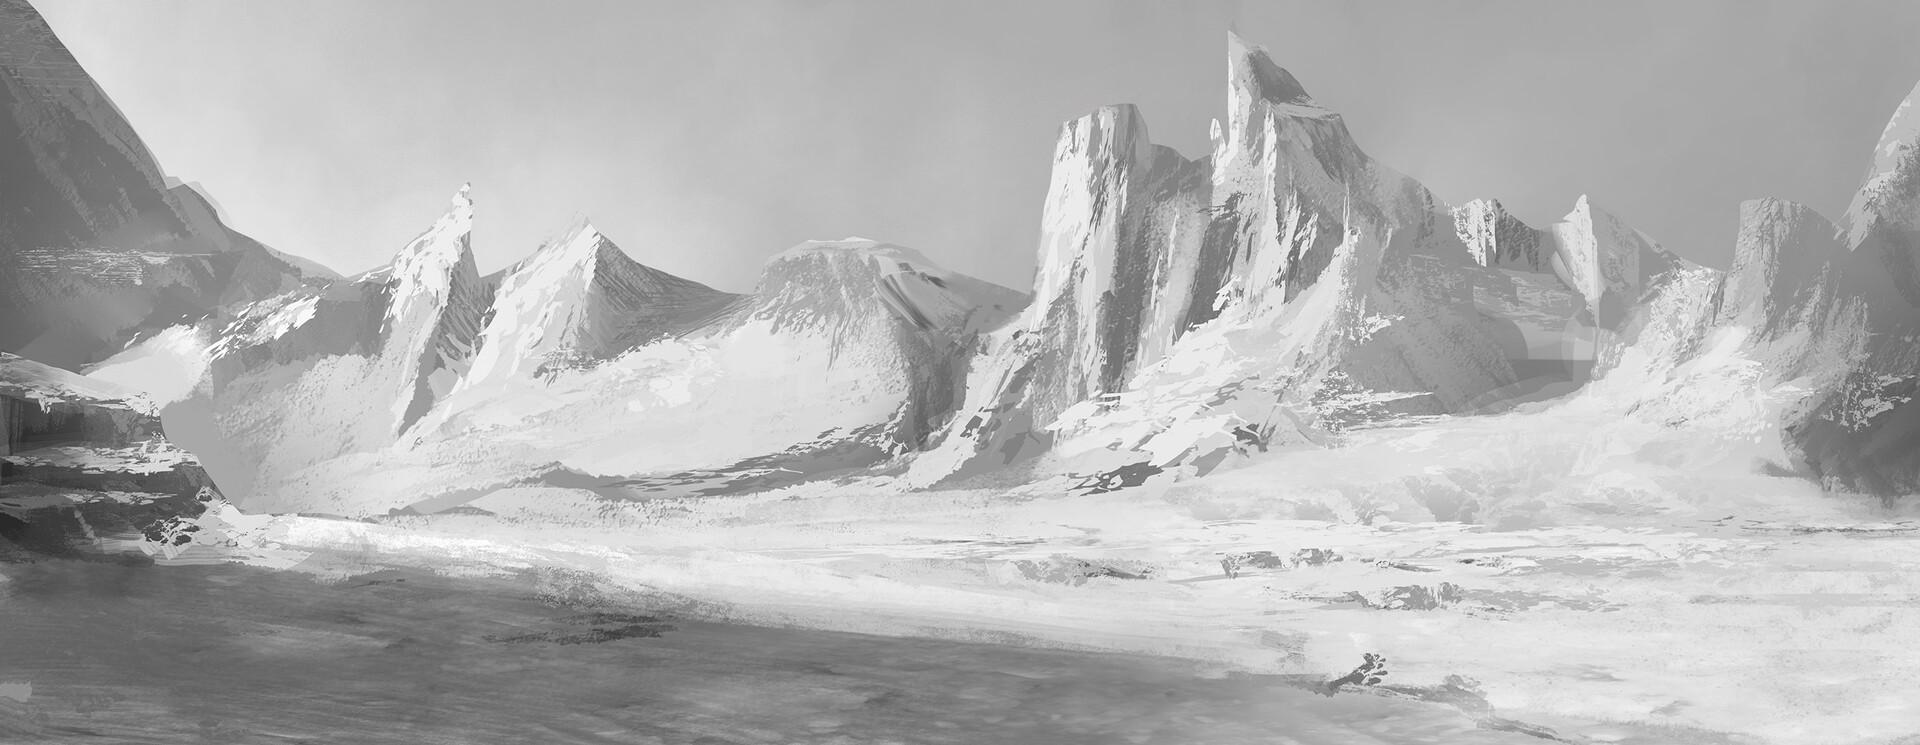 Landscape BG for transition scenes